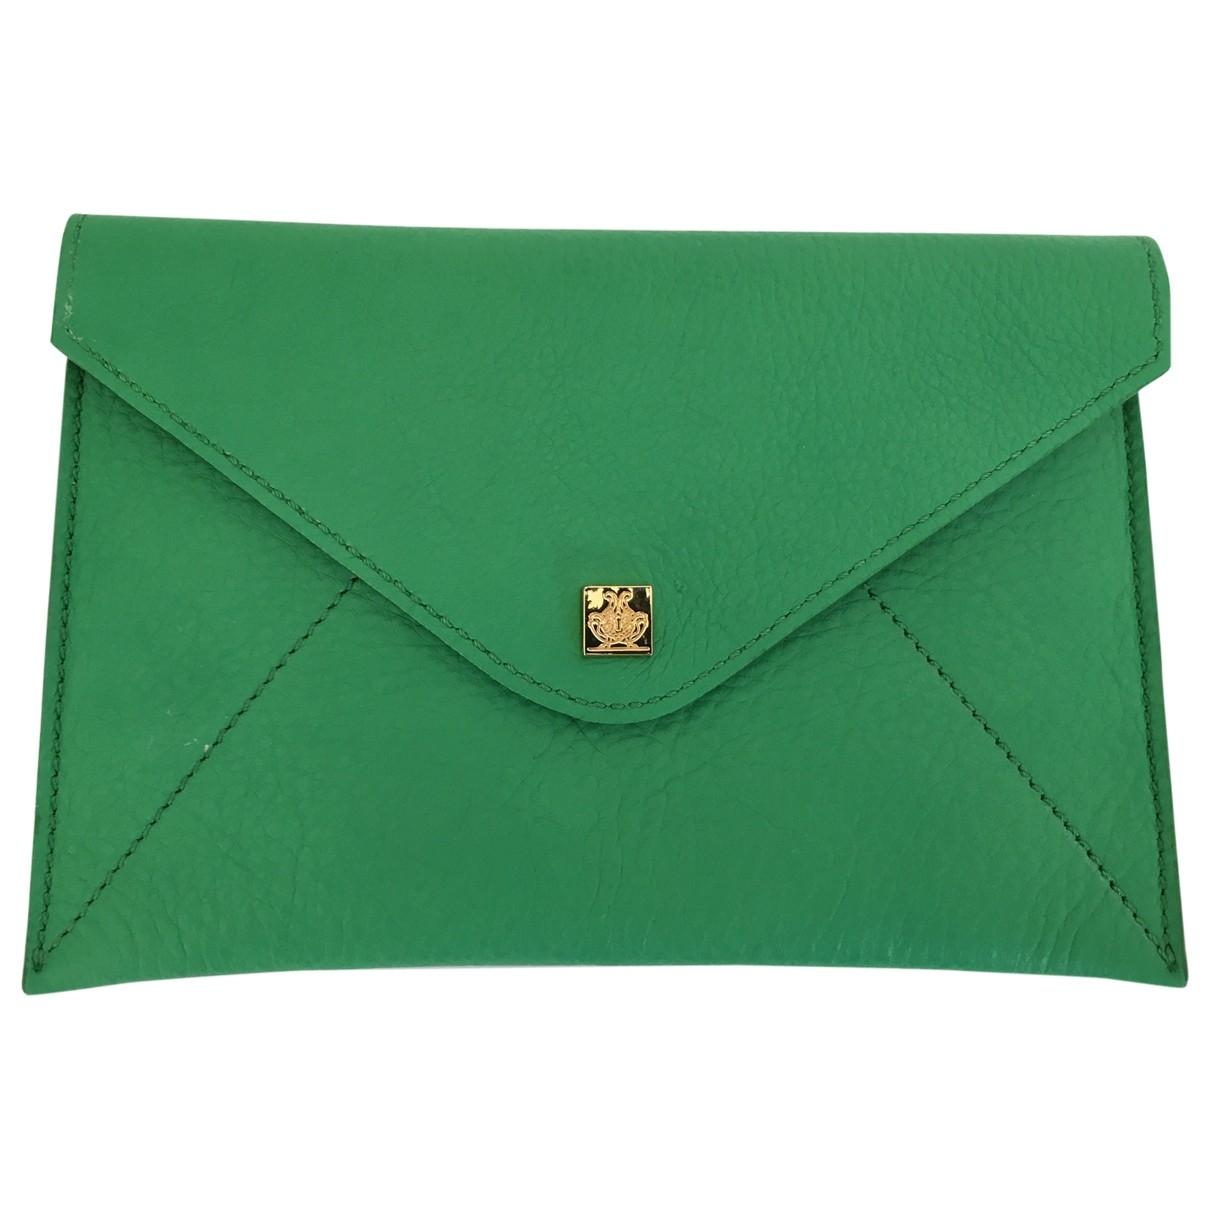 Giancarlo Petriglia \N Green Leather Clutch bag for Women \N